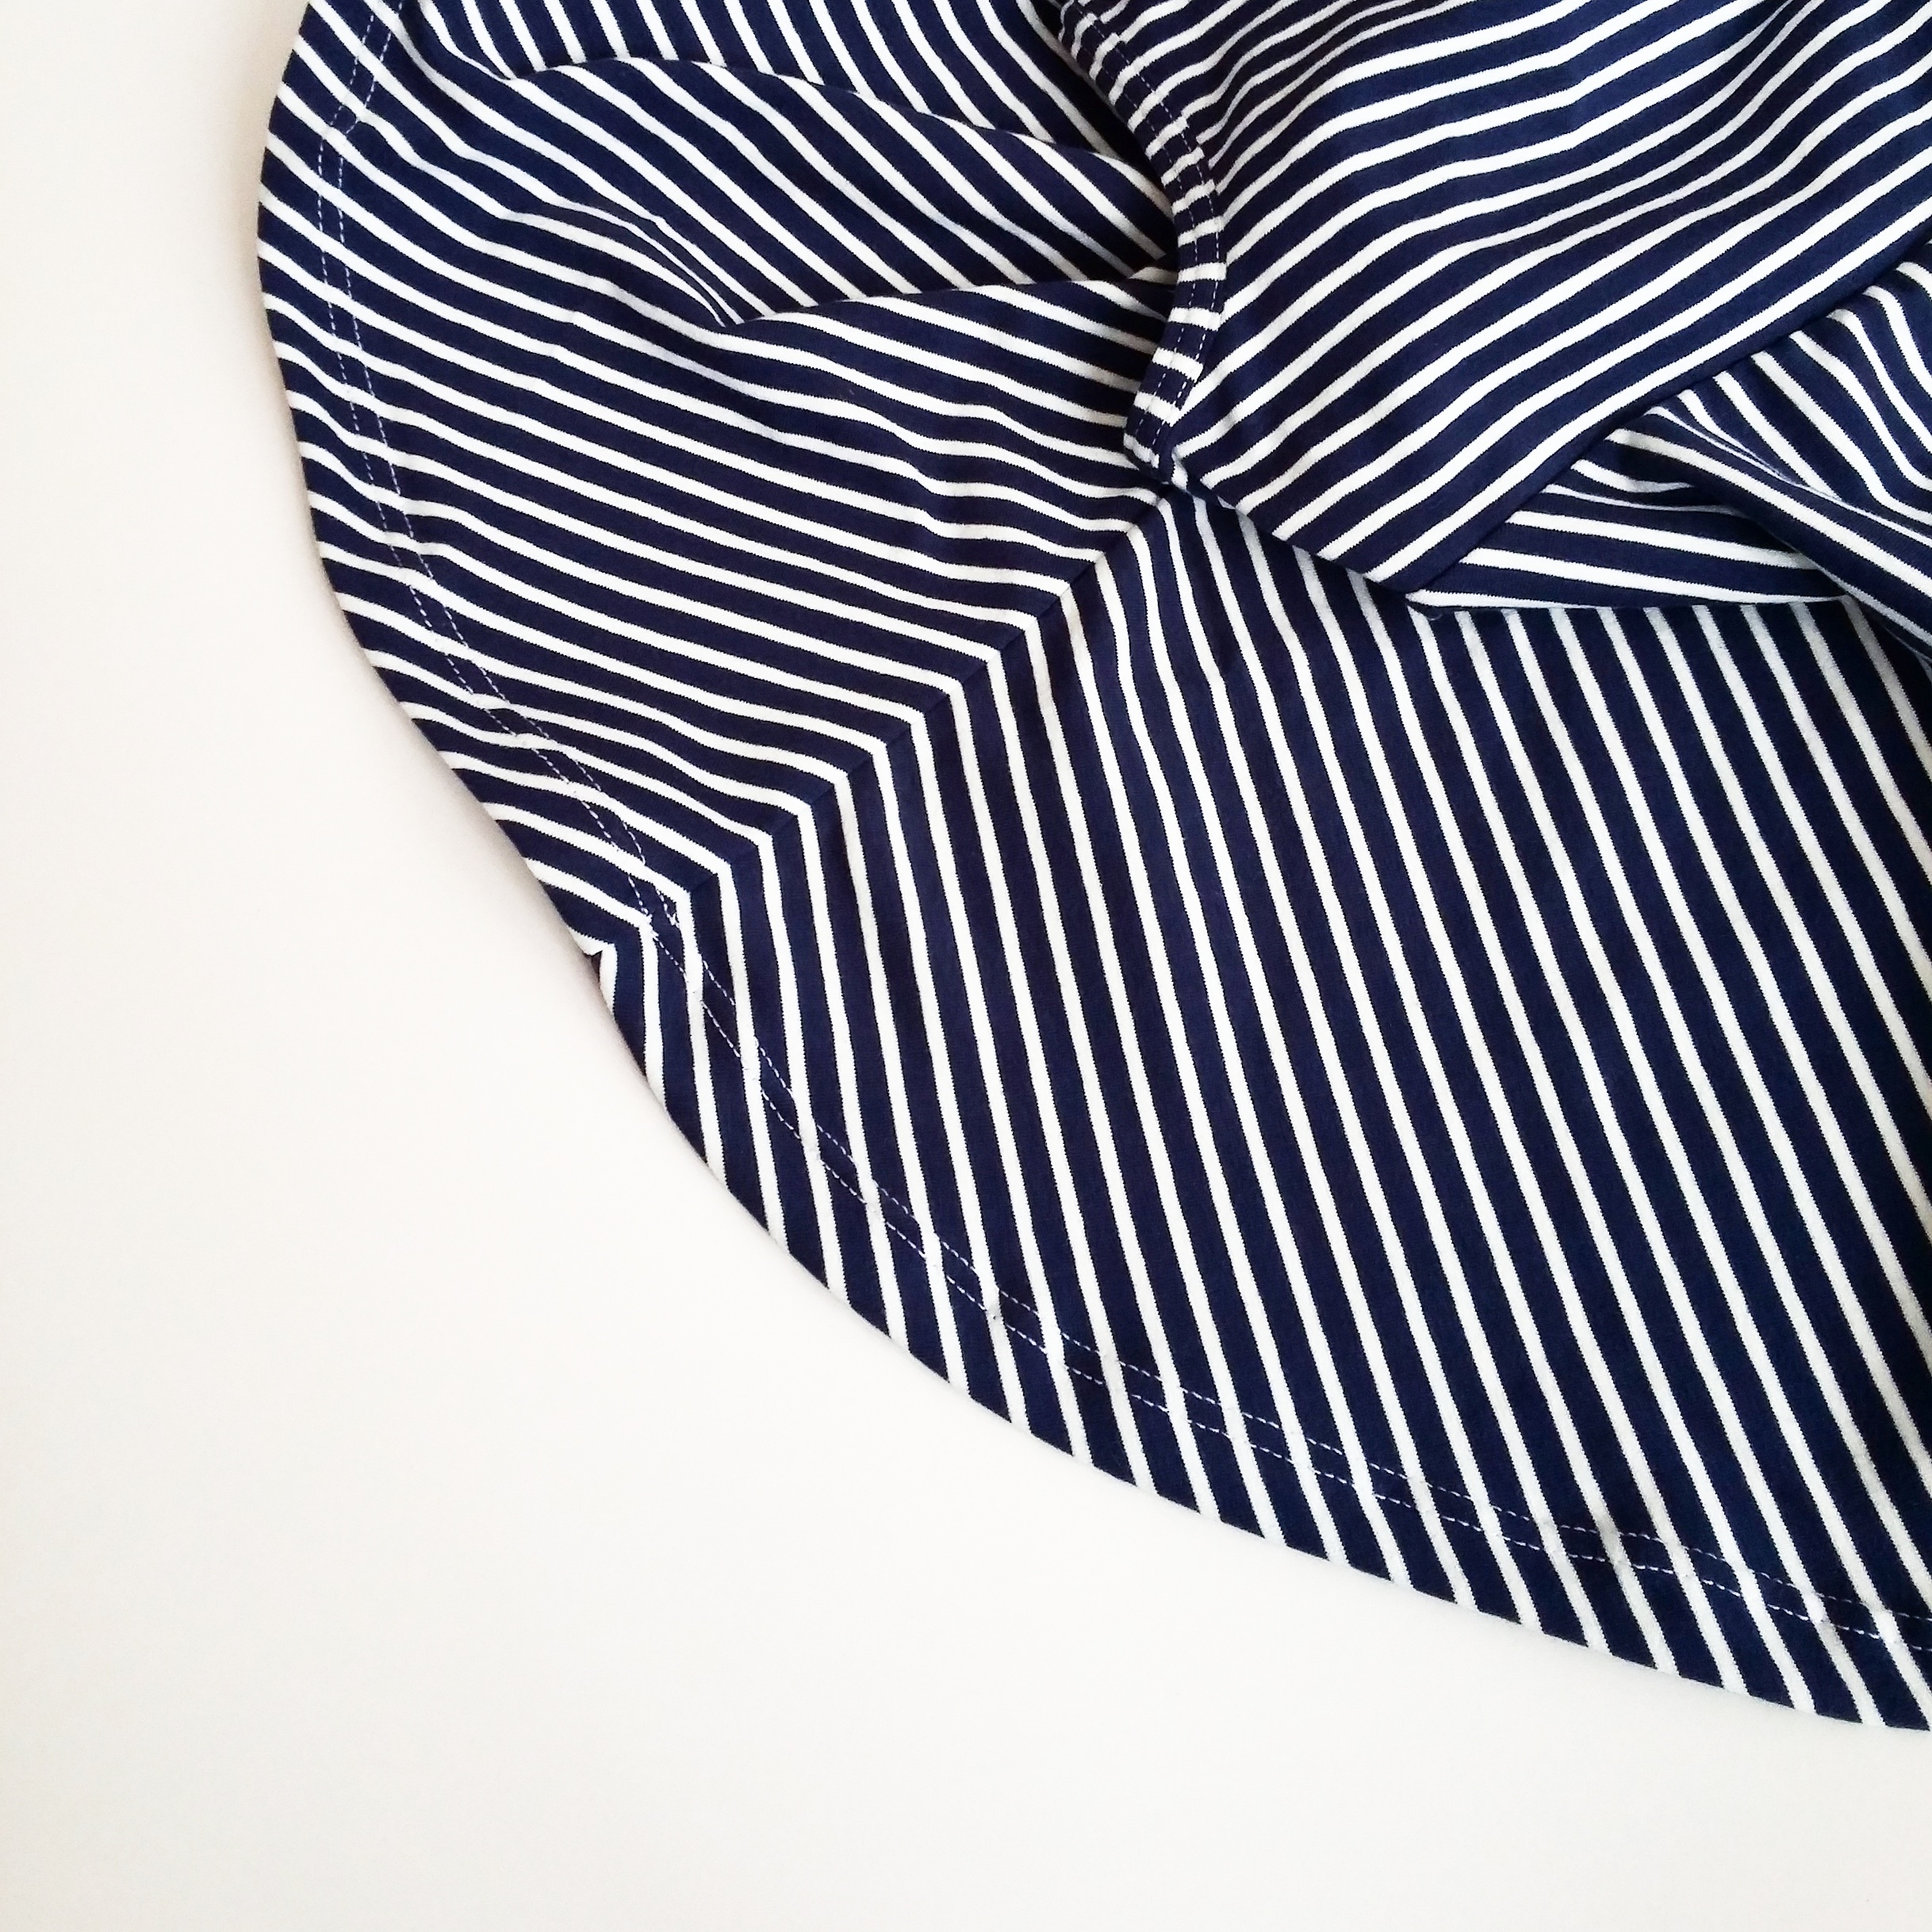 Pequeños vestidos de verano www.studiocostura.com